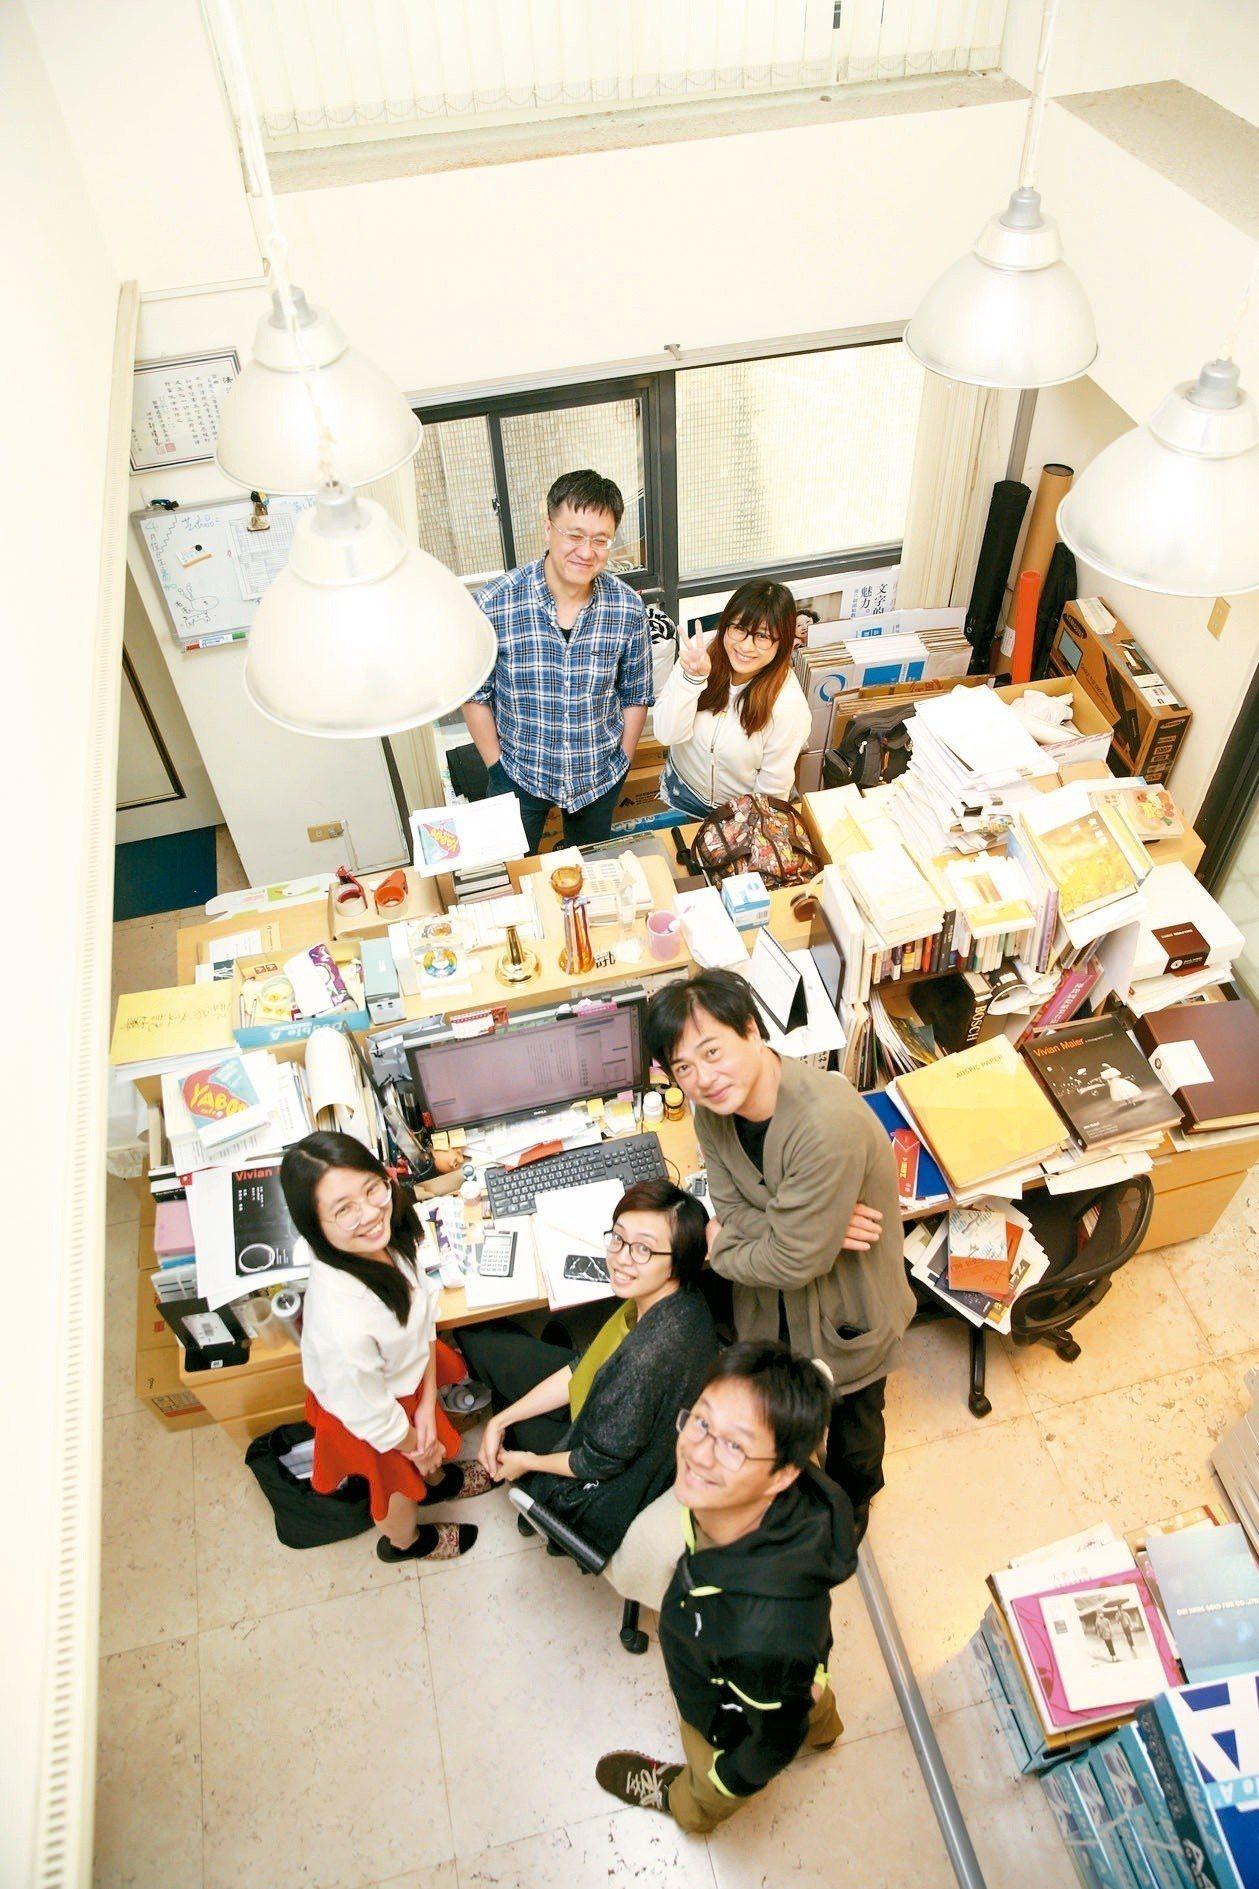 作家許悔之與工作夥伴在有鹿出版社辦公室。(圖/本報記者邱德祥攝影)